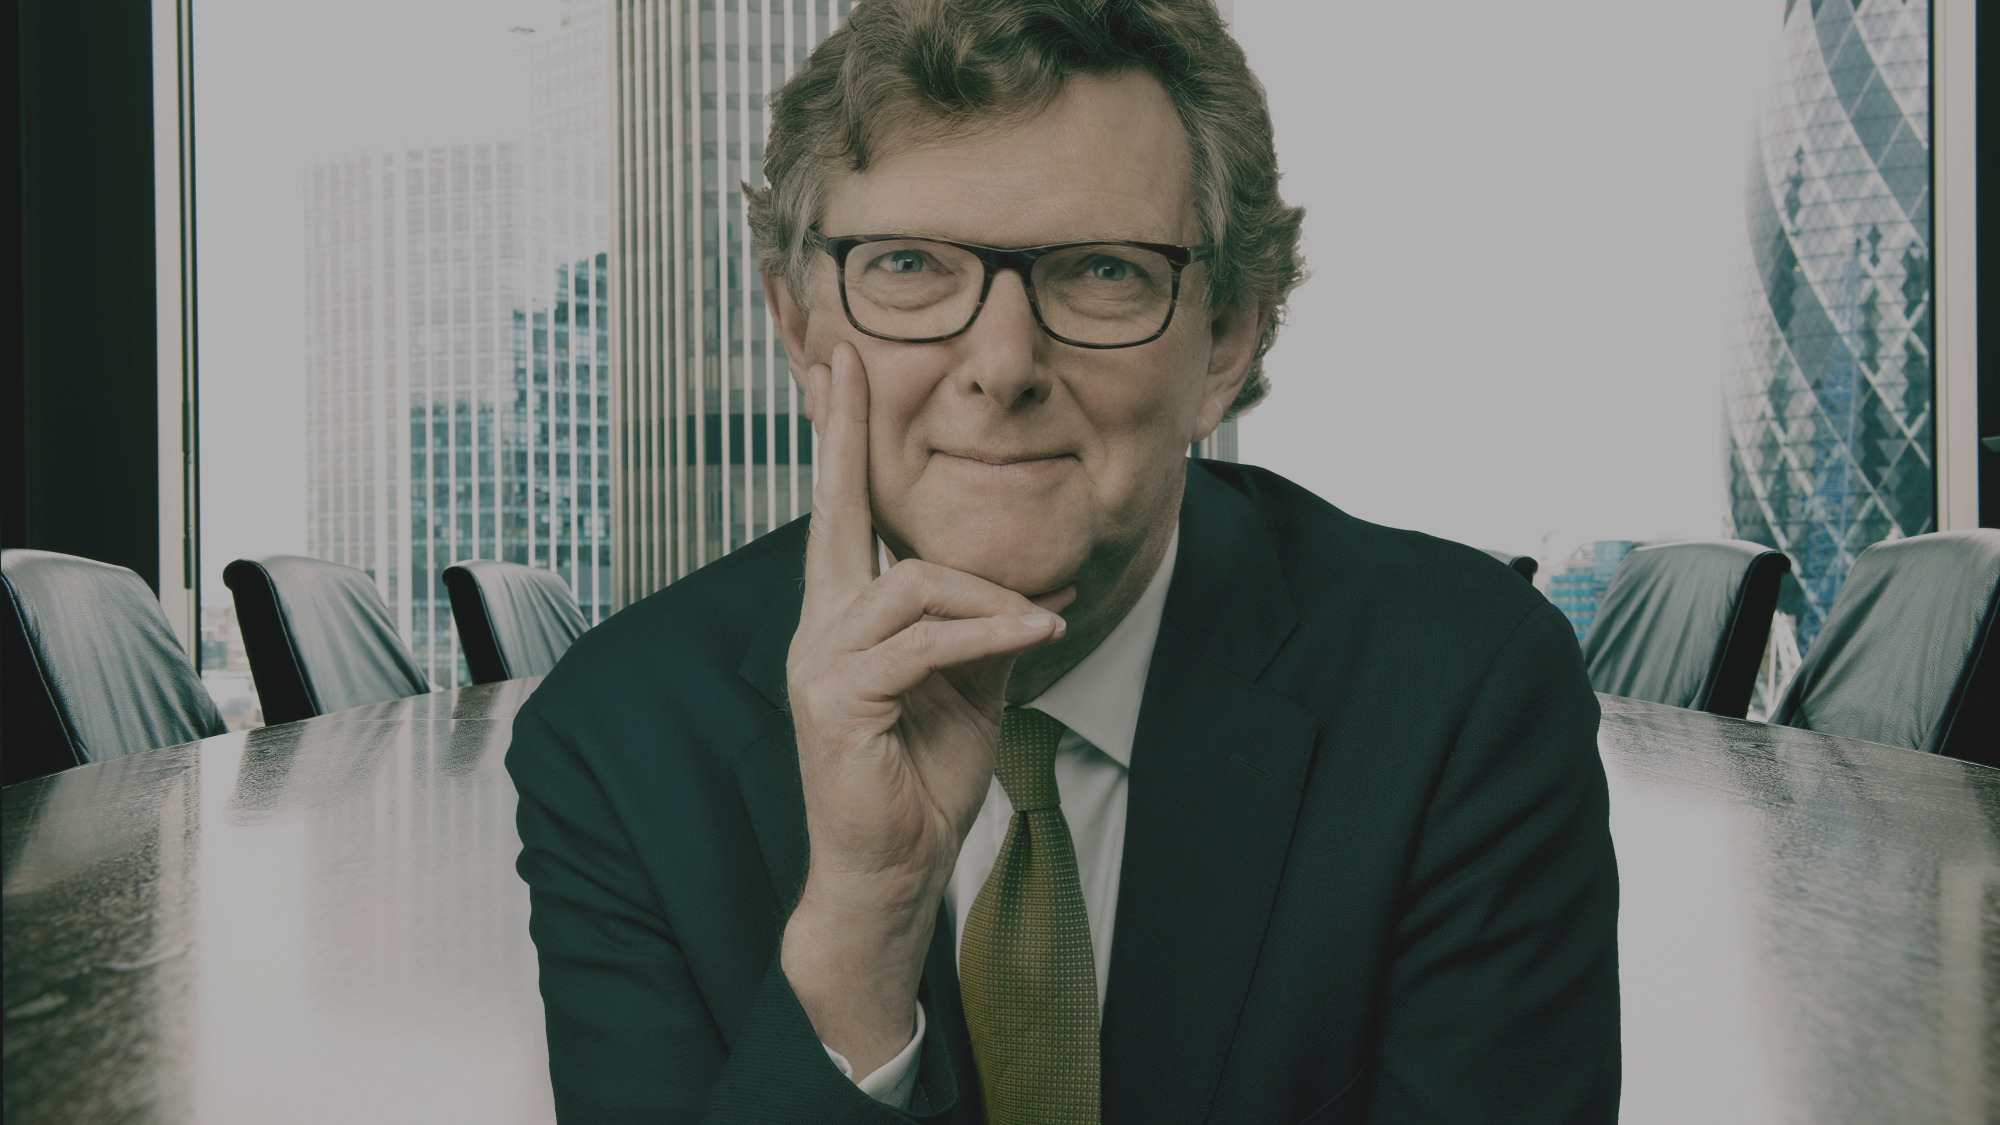 John Jaakke over de evaluatie van toezichthouders